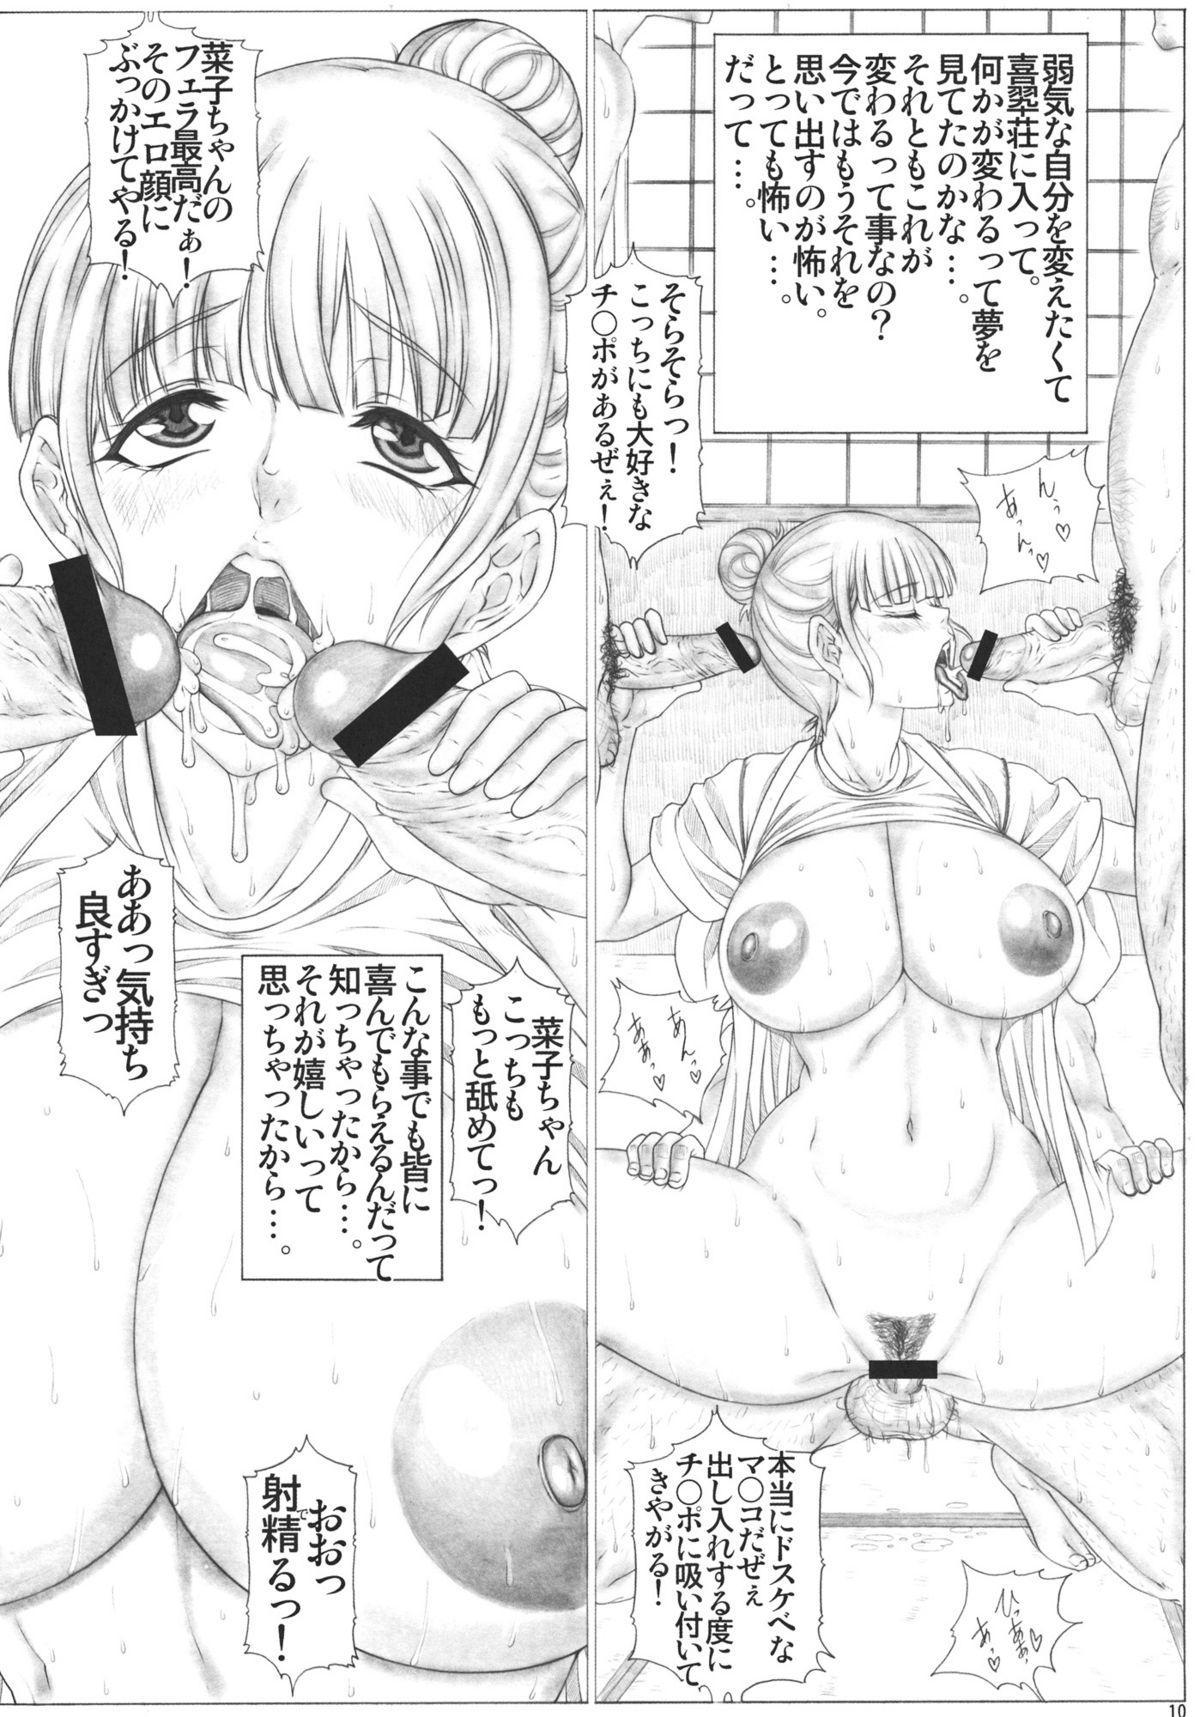 Hanachiru Iroha Angel's stroke 55 10